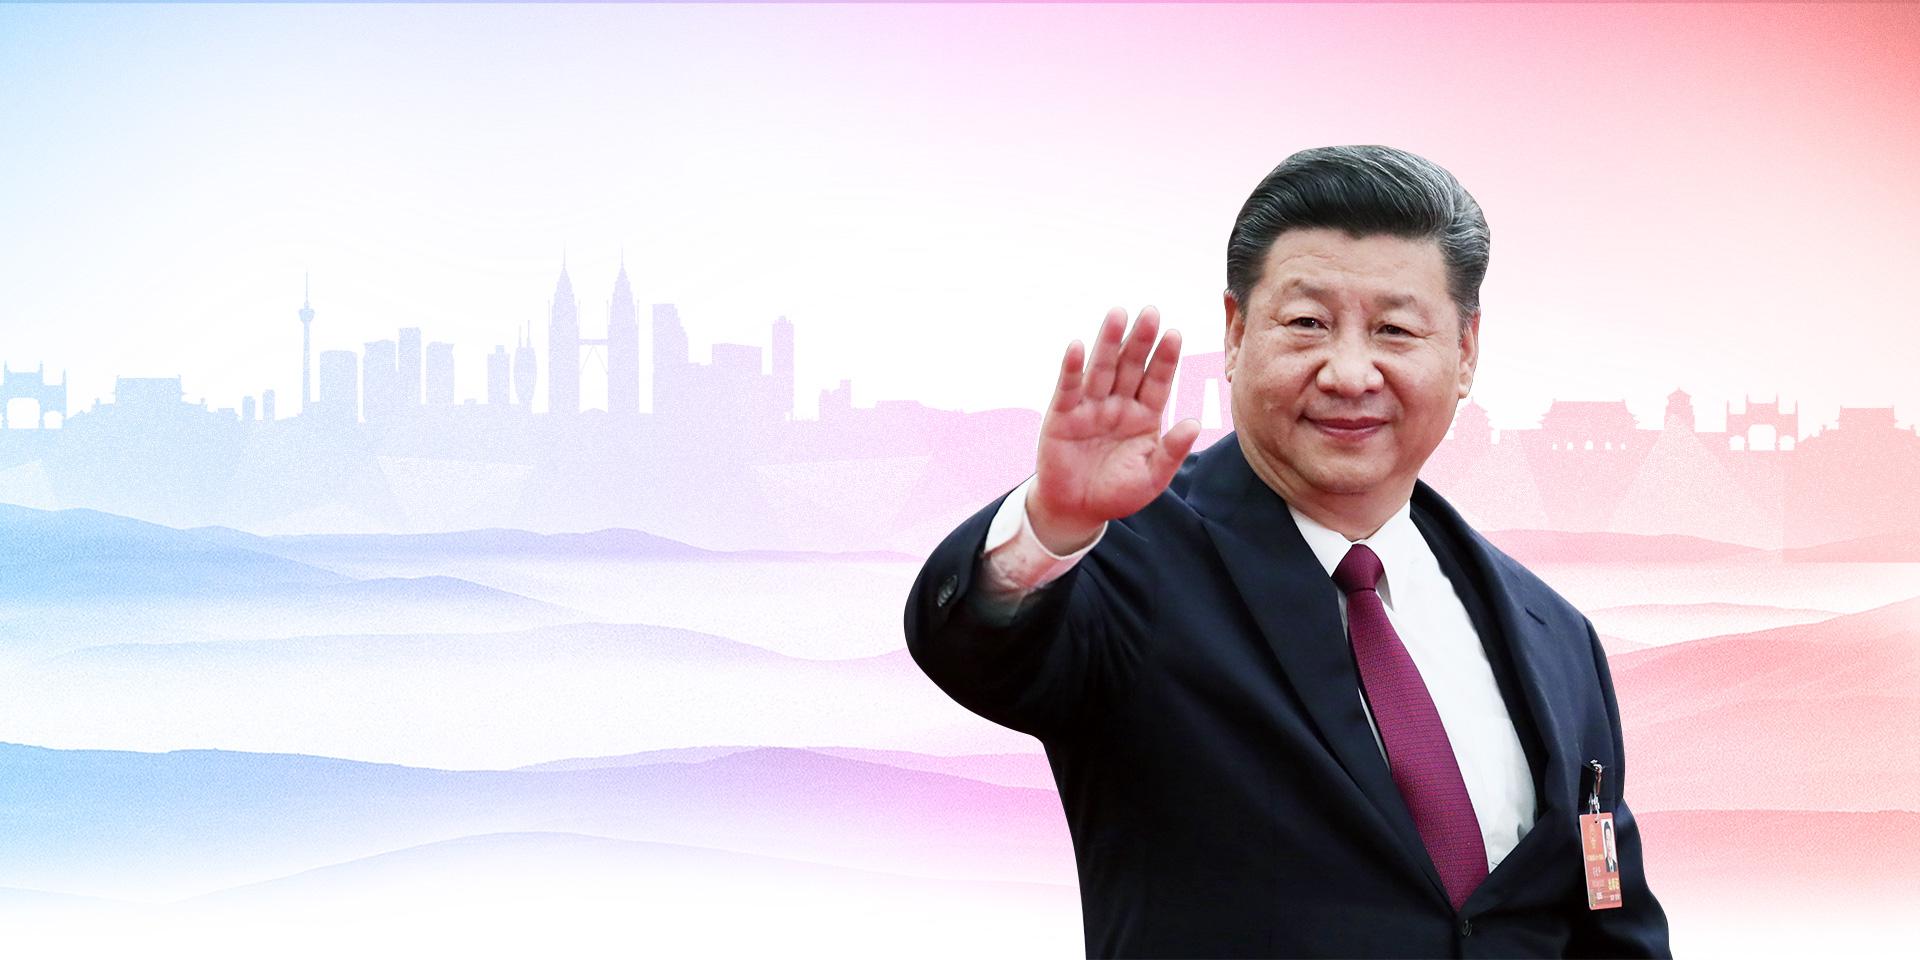 新时代中国青年要勇于砥砺奋斗。